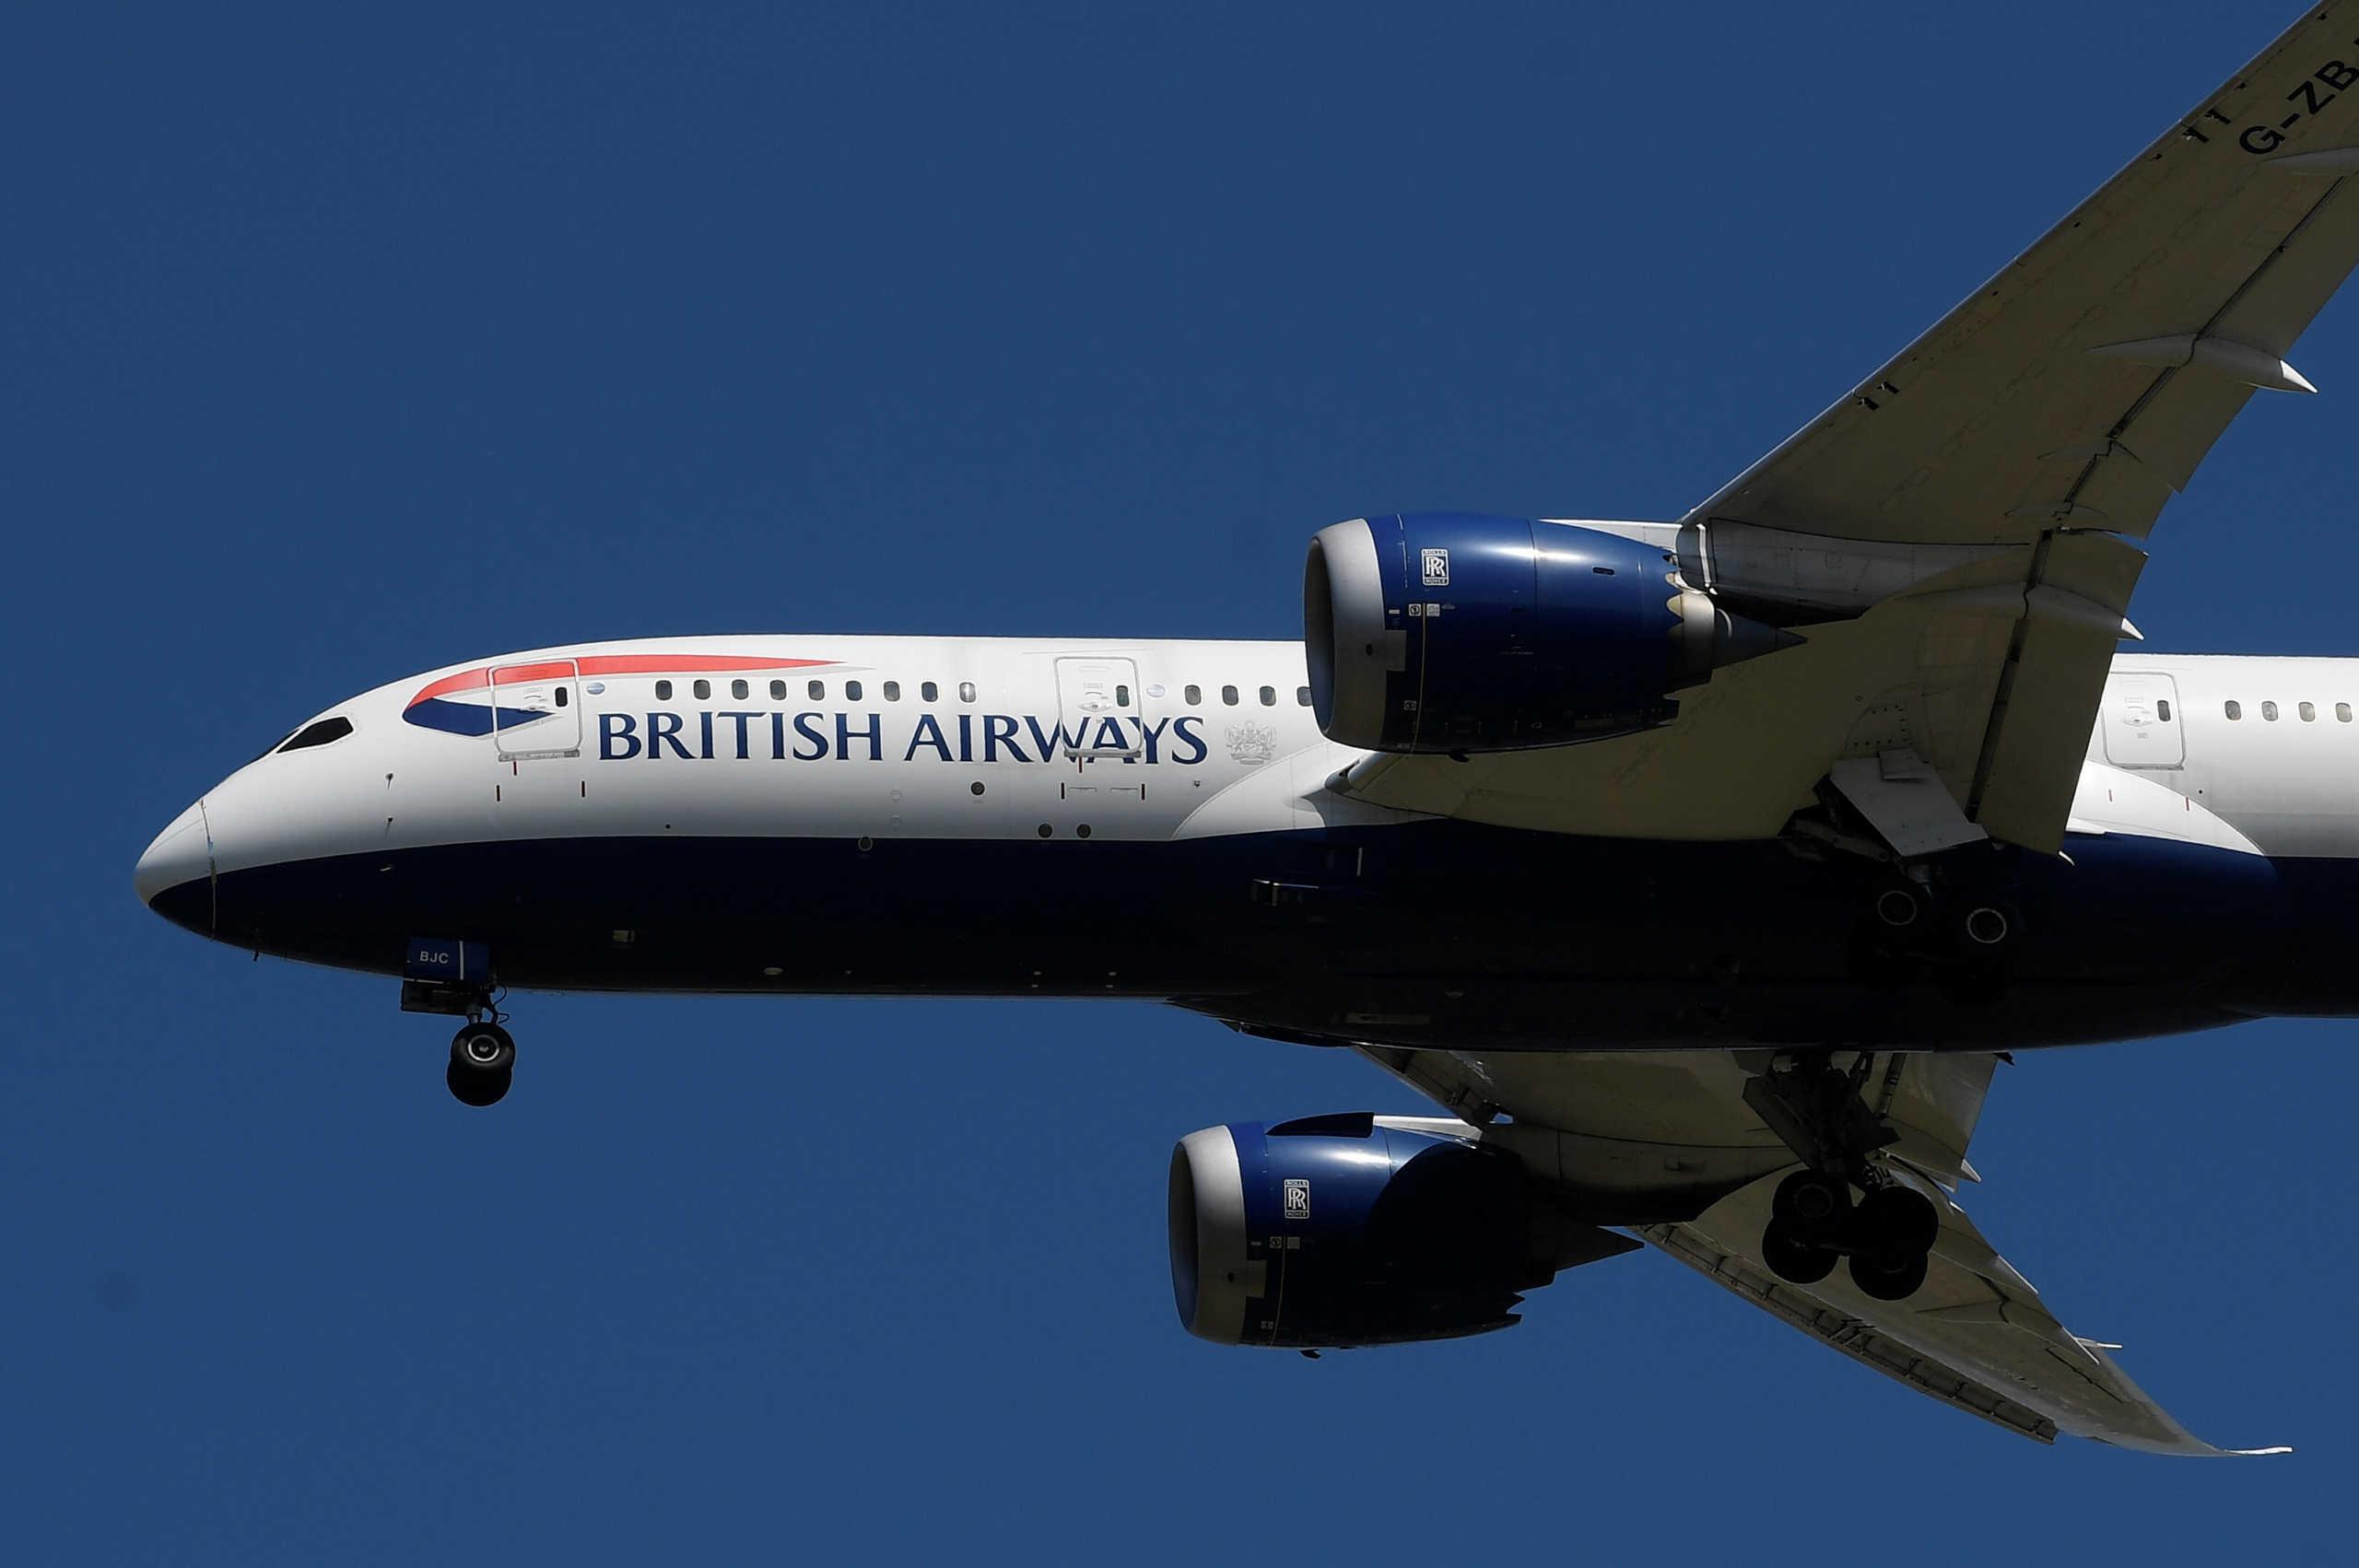 Κορονοϊός: Προσφεύγει στα δικαστήρια η μητρική της British Airways για την καραντίνα στους ταξιδιώτες